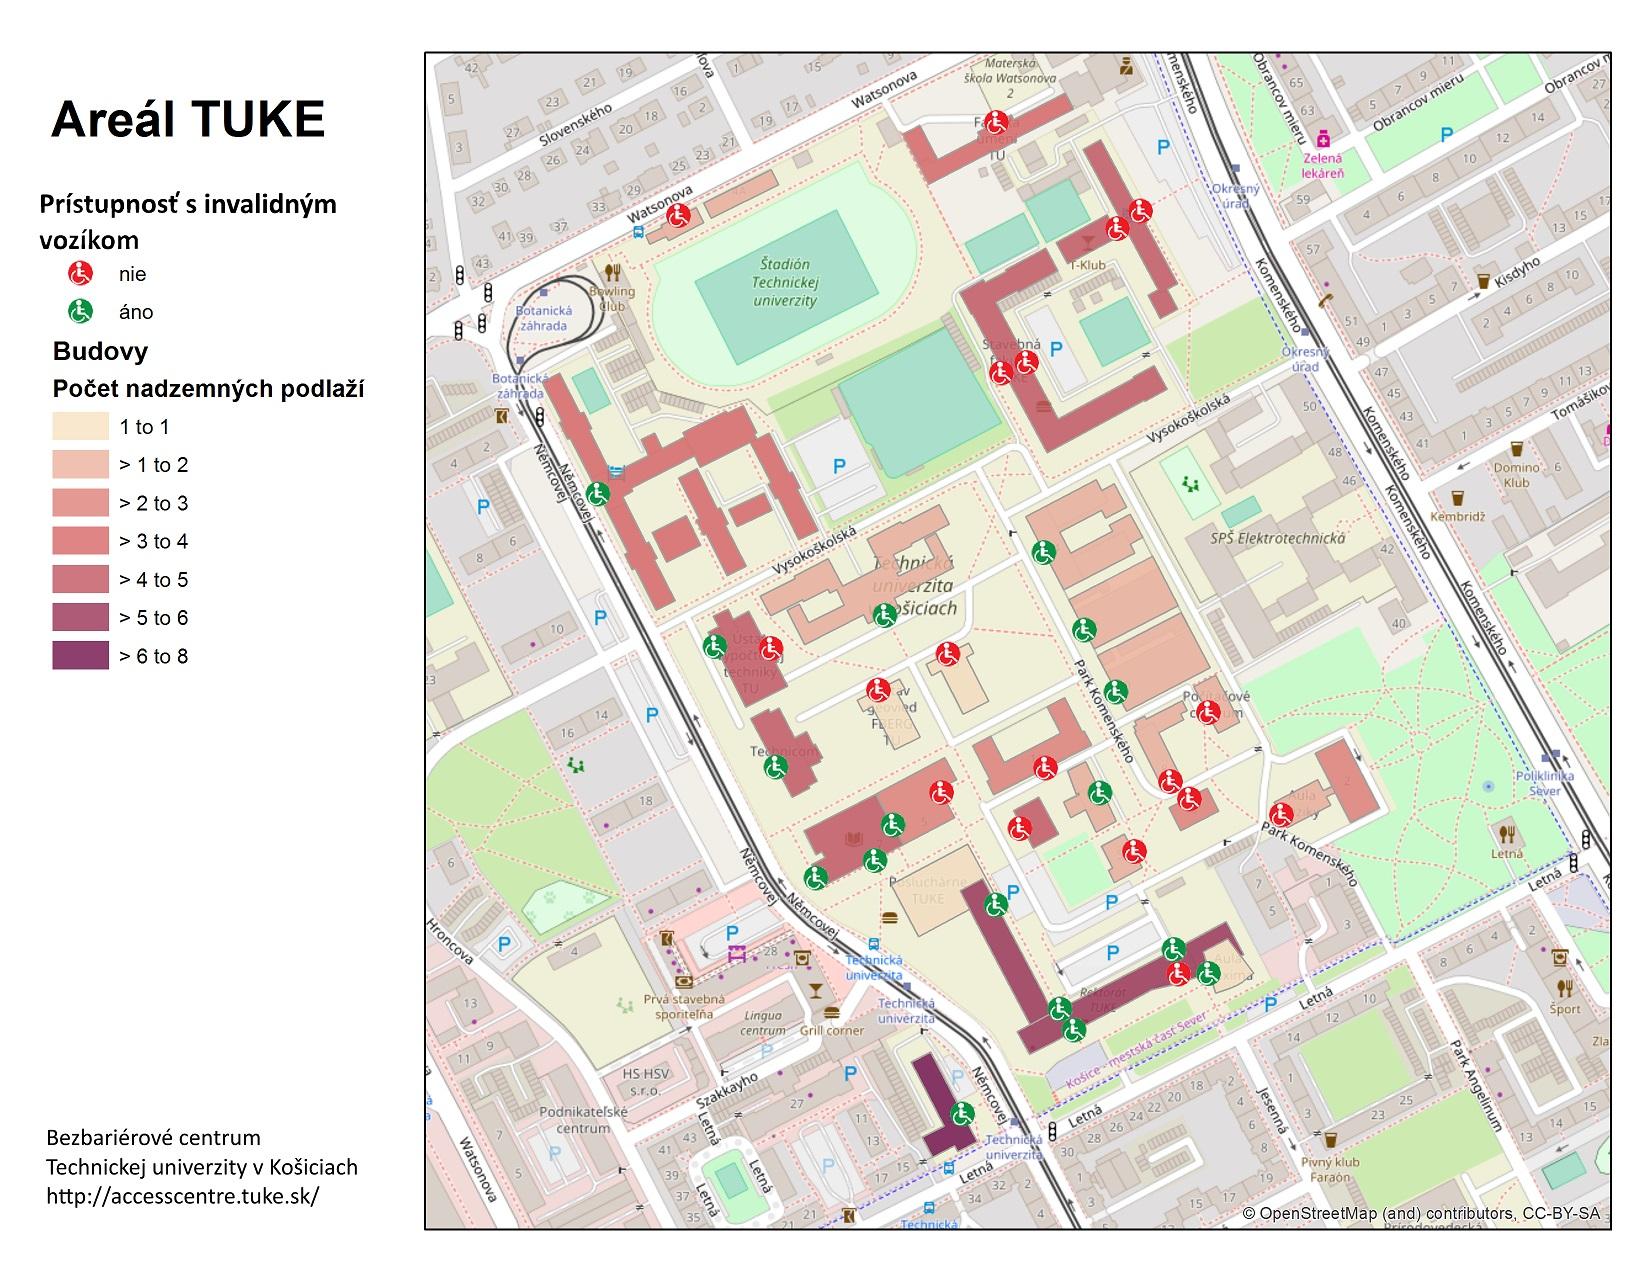 Mapa prístupnosti TUKE